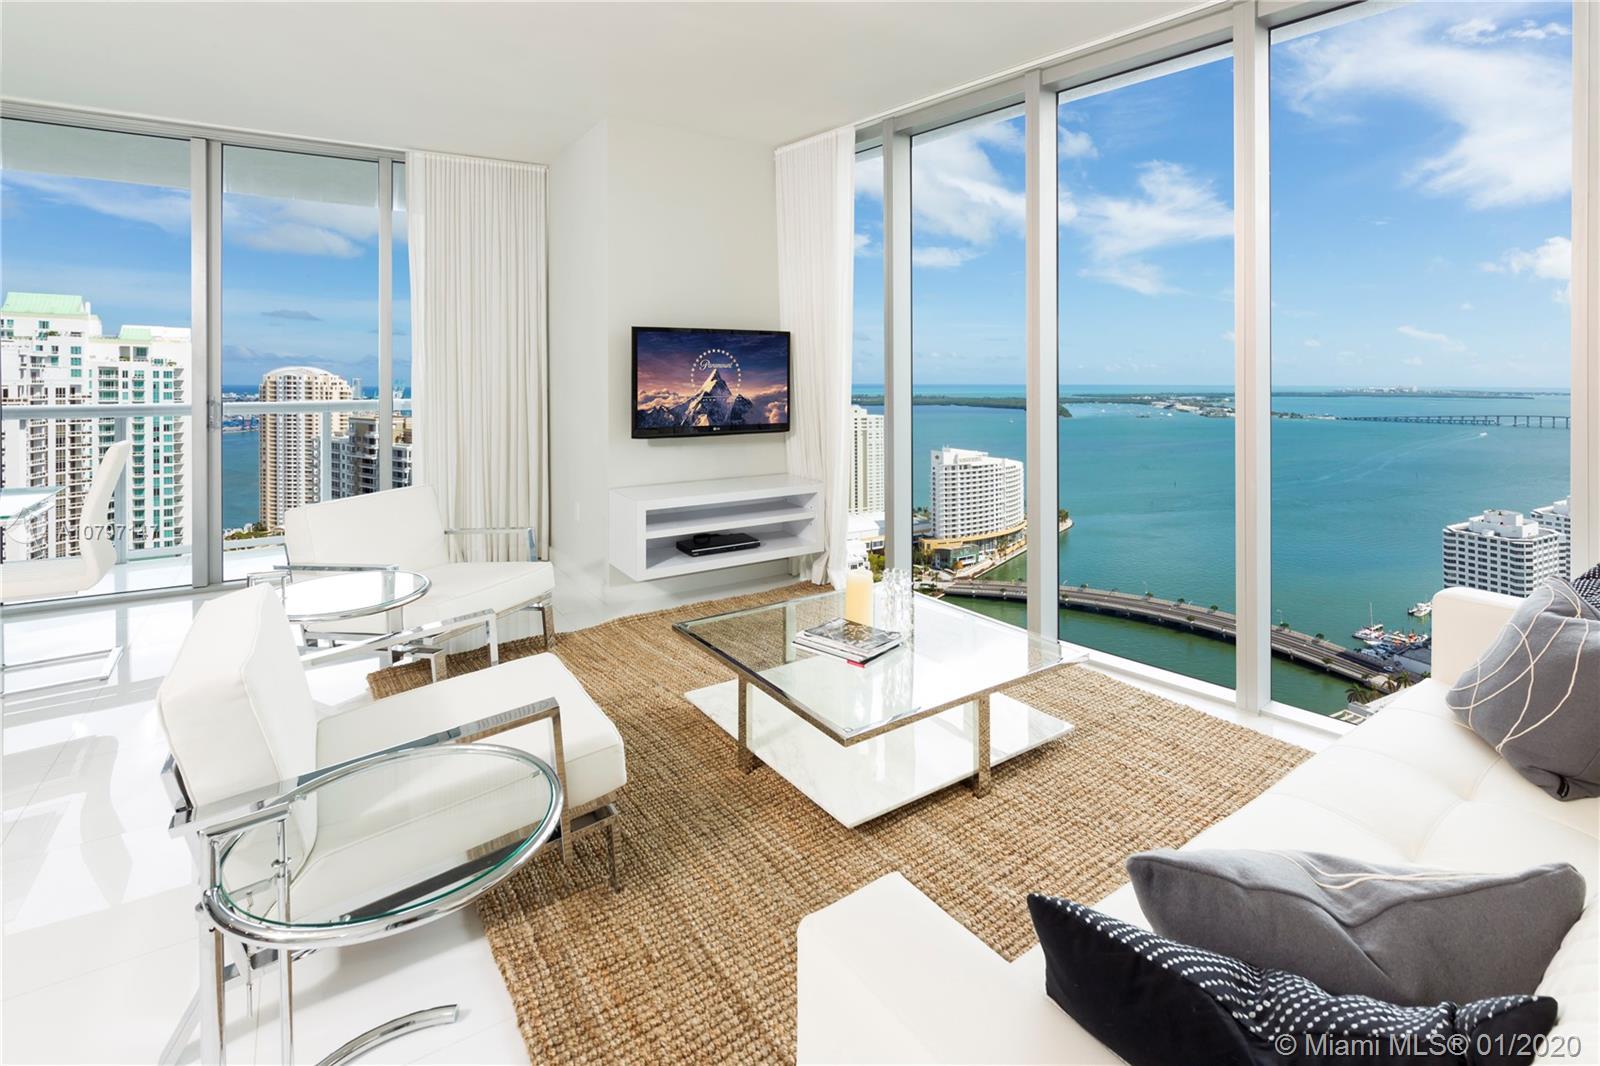 485 BRICKELL AV, 3810 - Miami, Florida